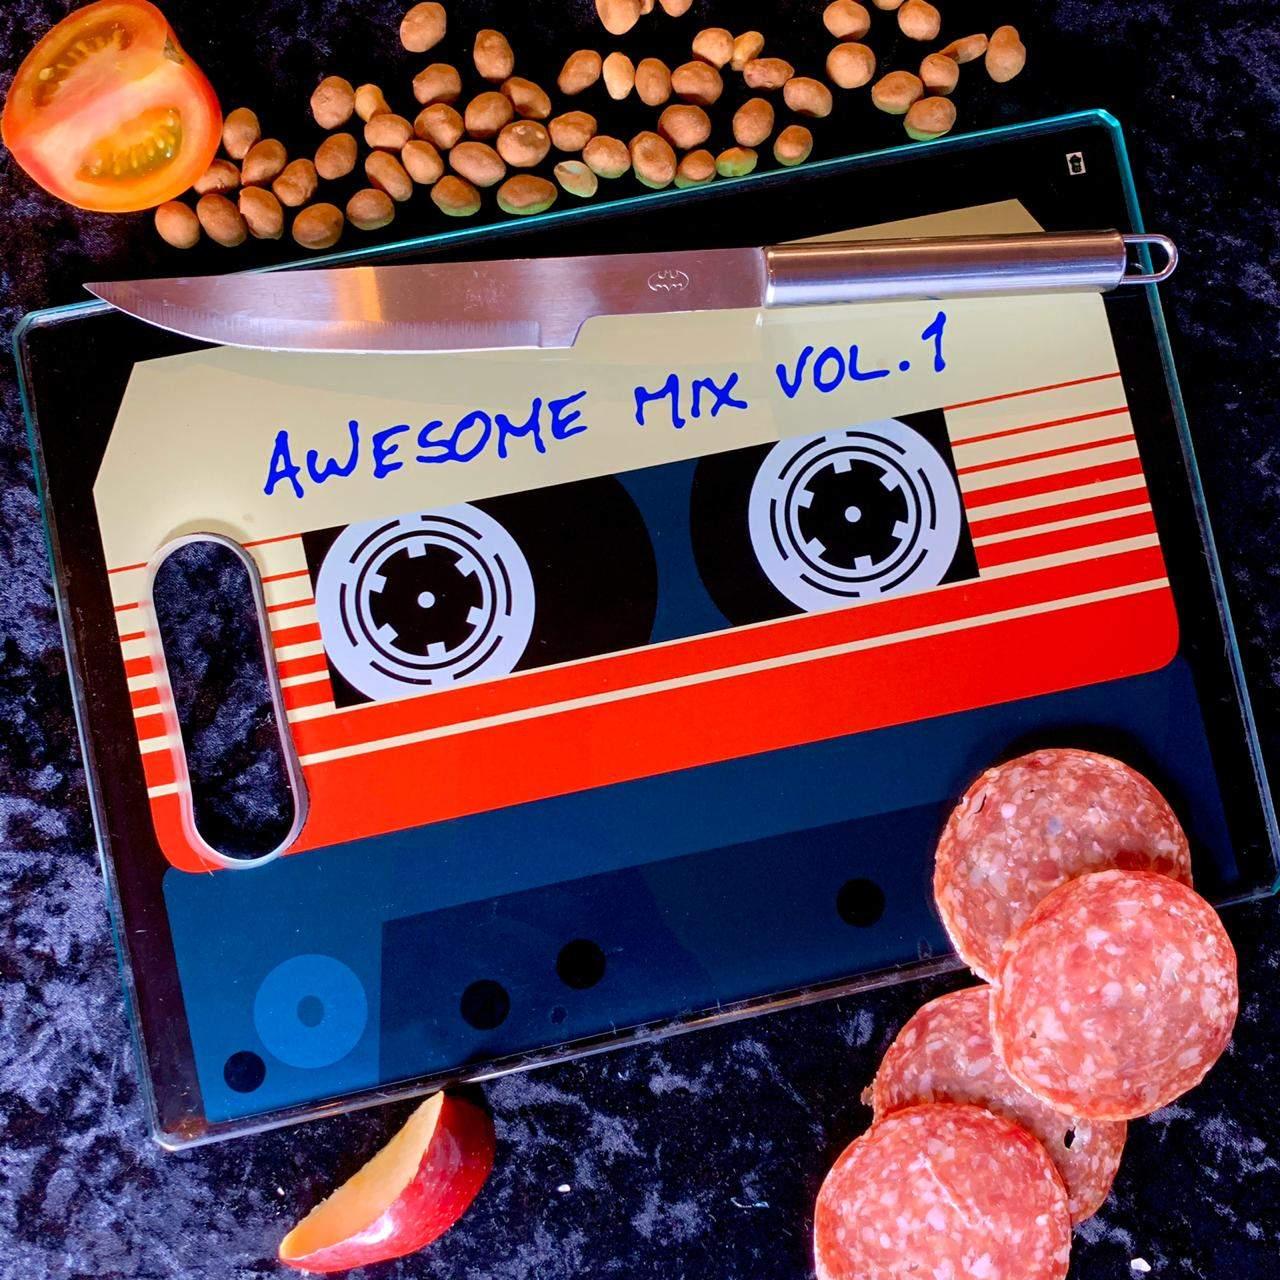 Tábua de Carne de Vidro Awesome Mix Vol.1: Guardiões da Galáxia (35x25cm)